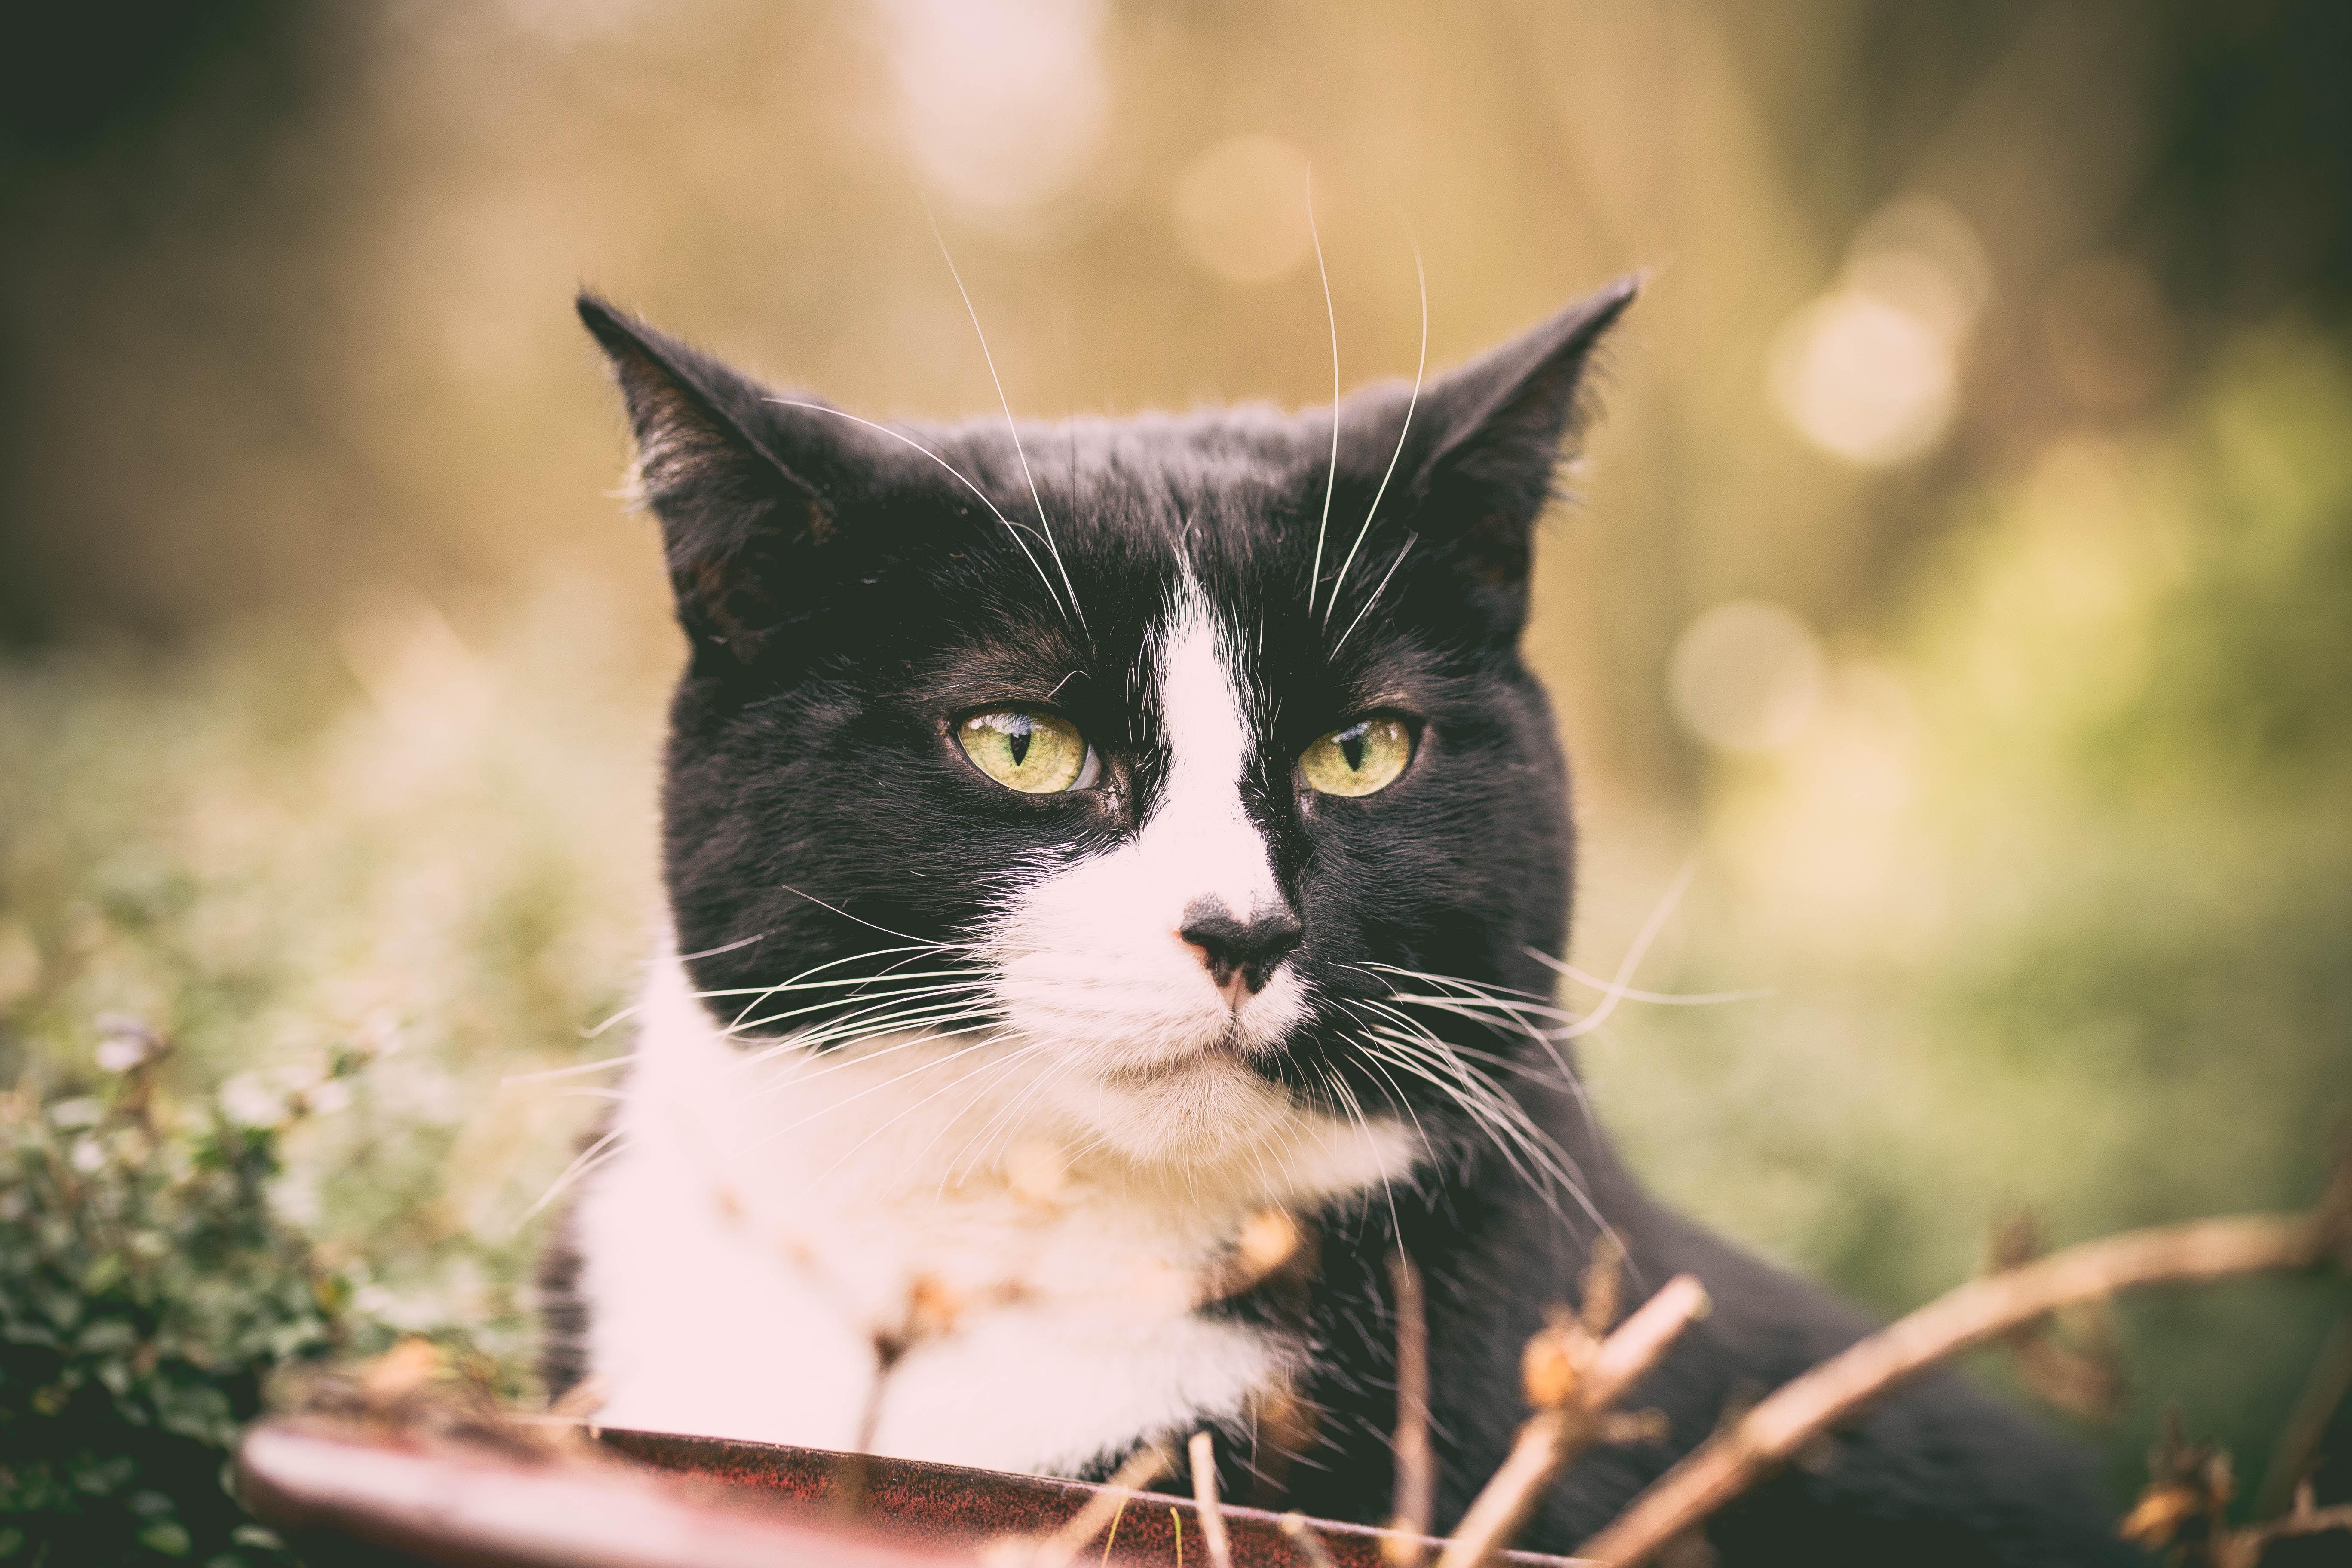 Schwarz Weiße Katze im Freien blickt an Kamera vorbei